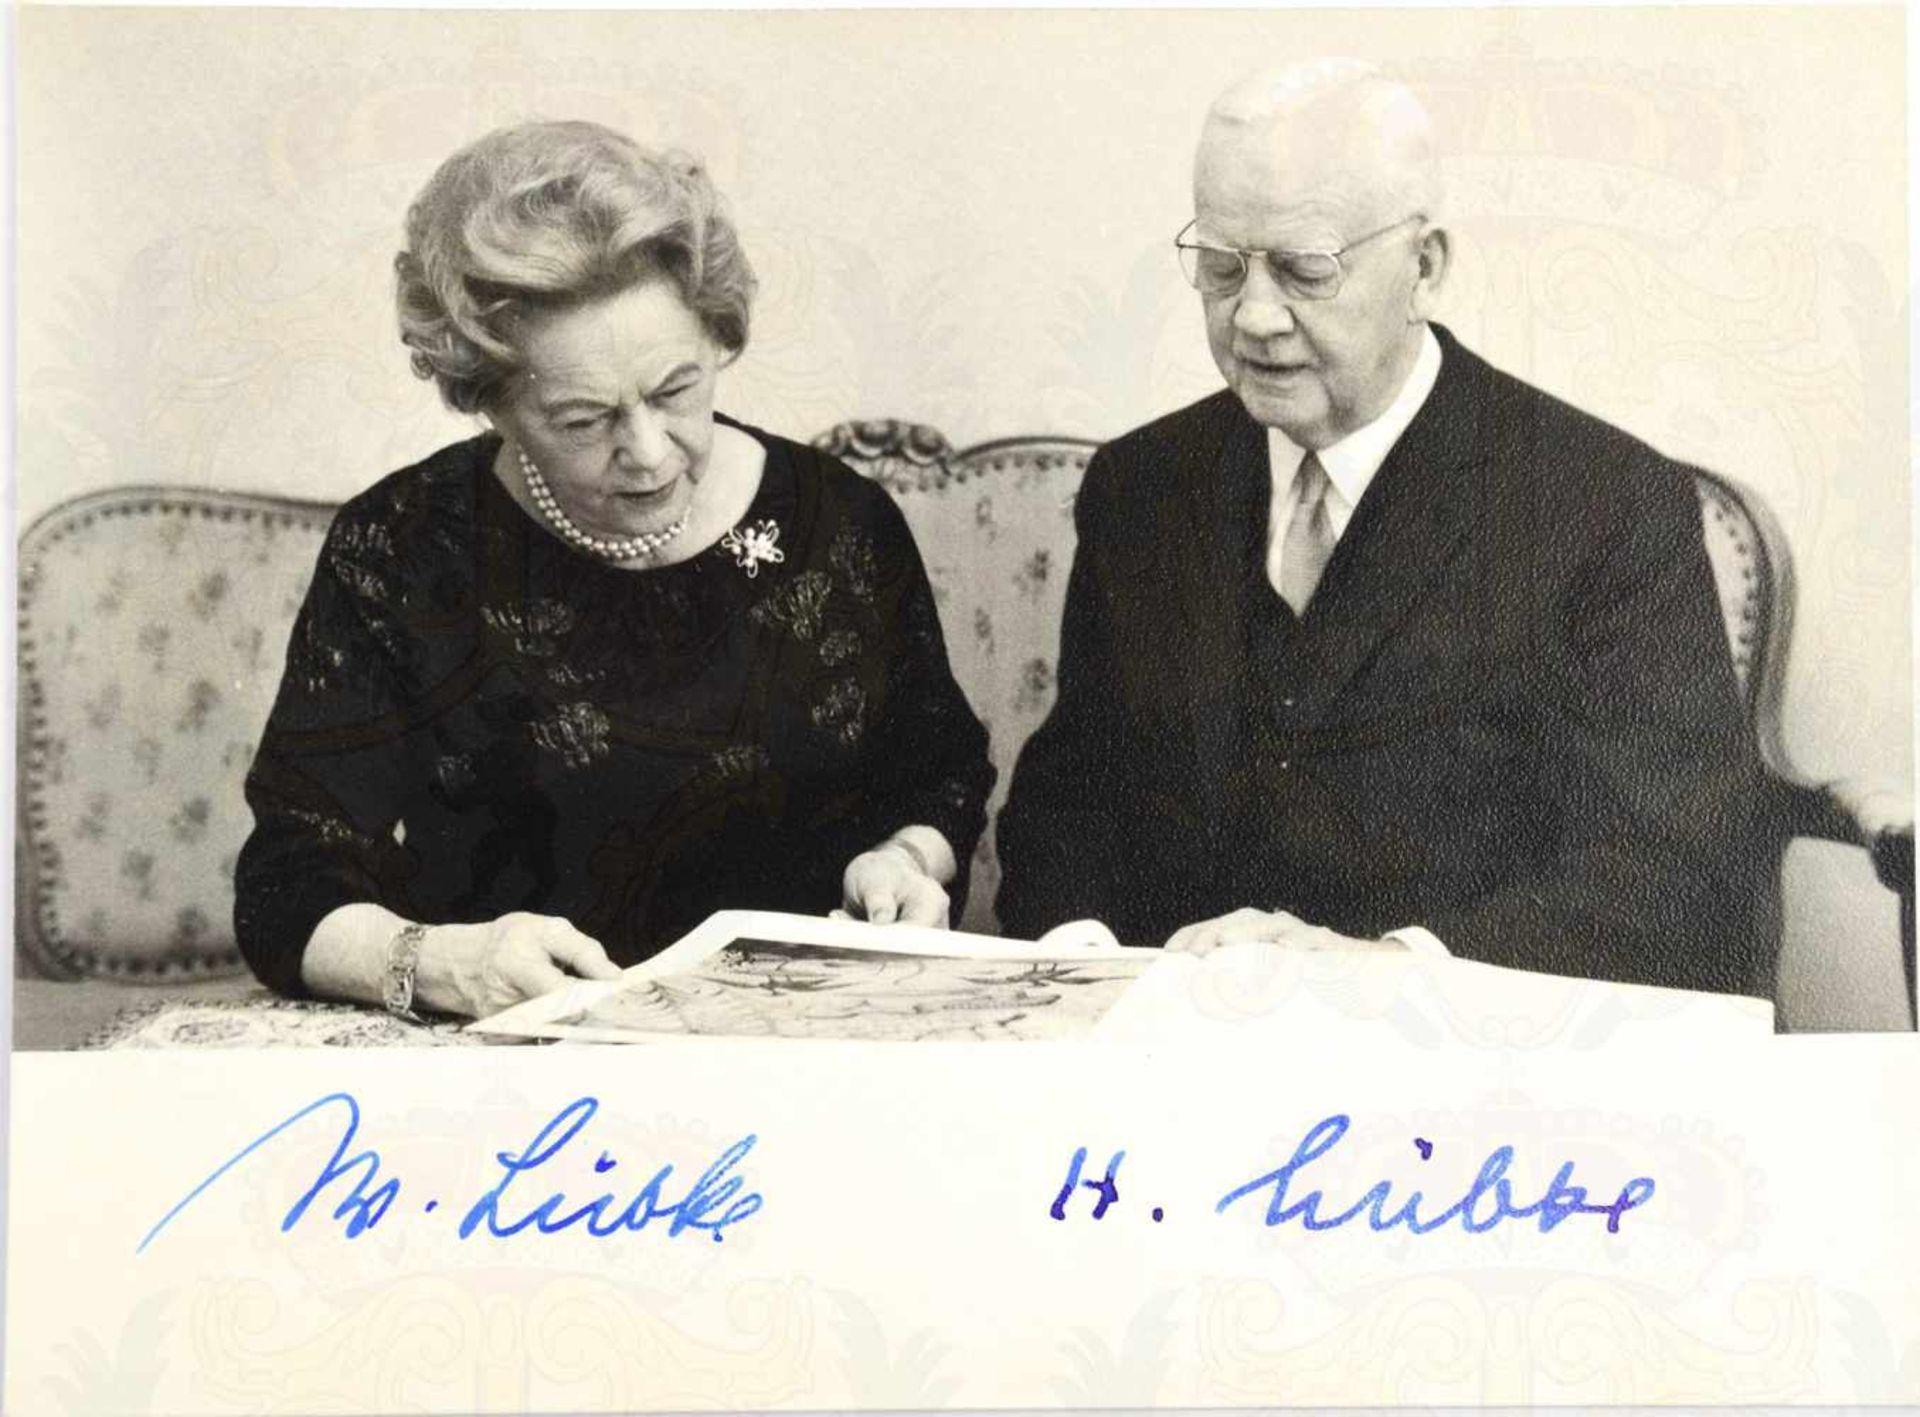 """Los 26 - LÜBKE, Heinrich (1894-1972), 2. Bundespräsident, Tinten OU """"H. Lübke"""" sowie Ehefrau """"W. Lübke"""","""